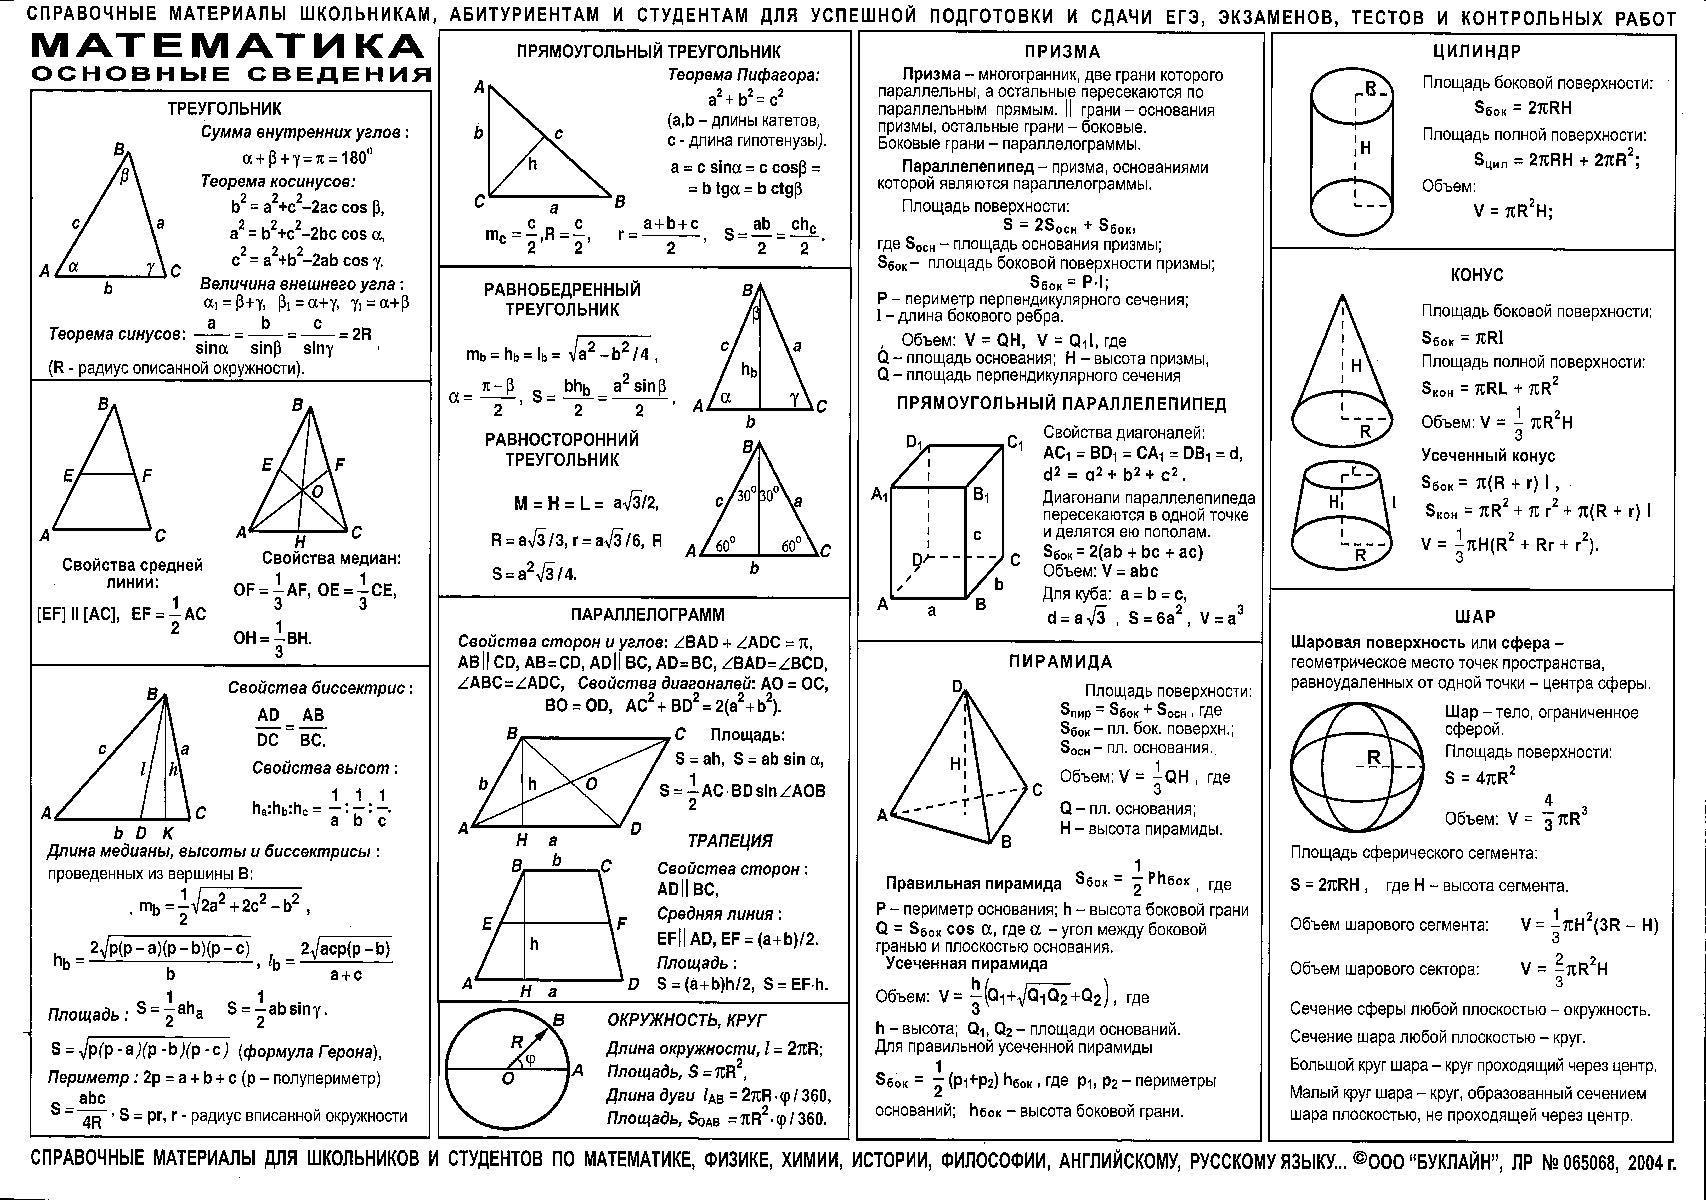 Формулы по физике за 7 класс картинки таблицы